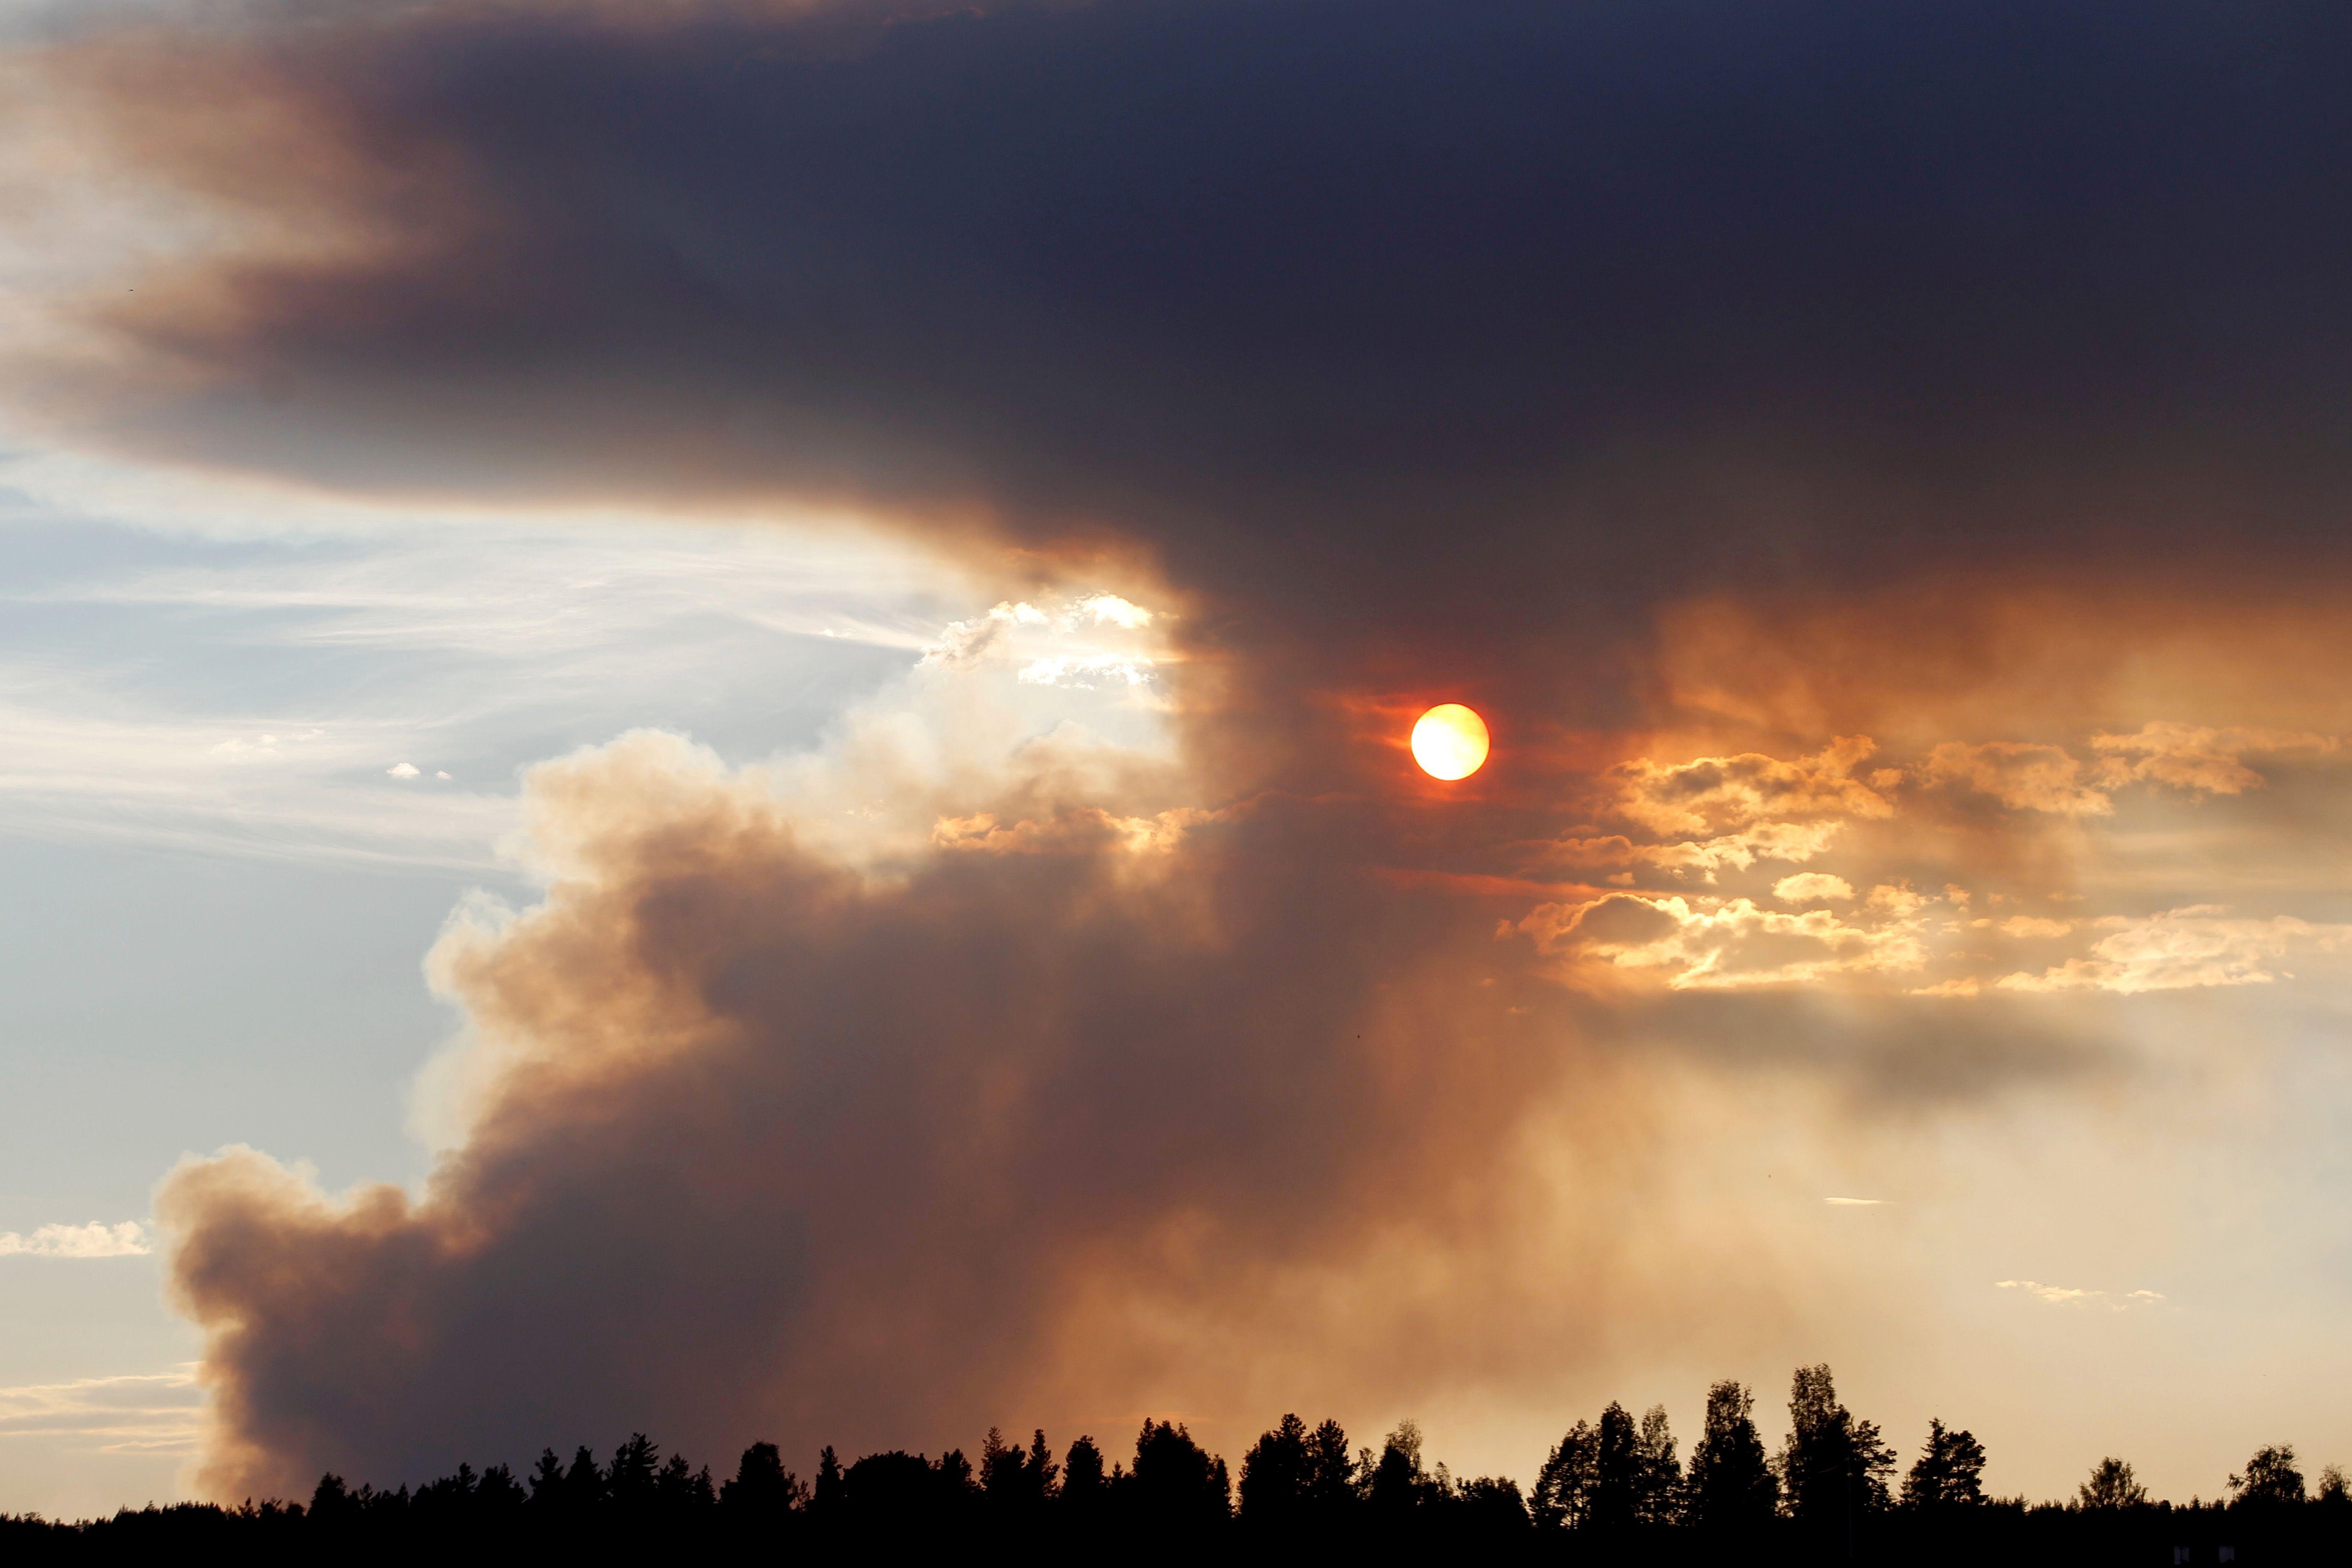 الدخان الأسود يحجب اشاعة الشمس